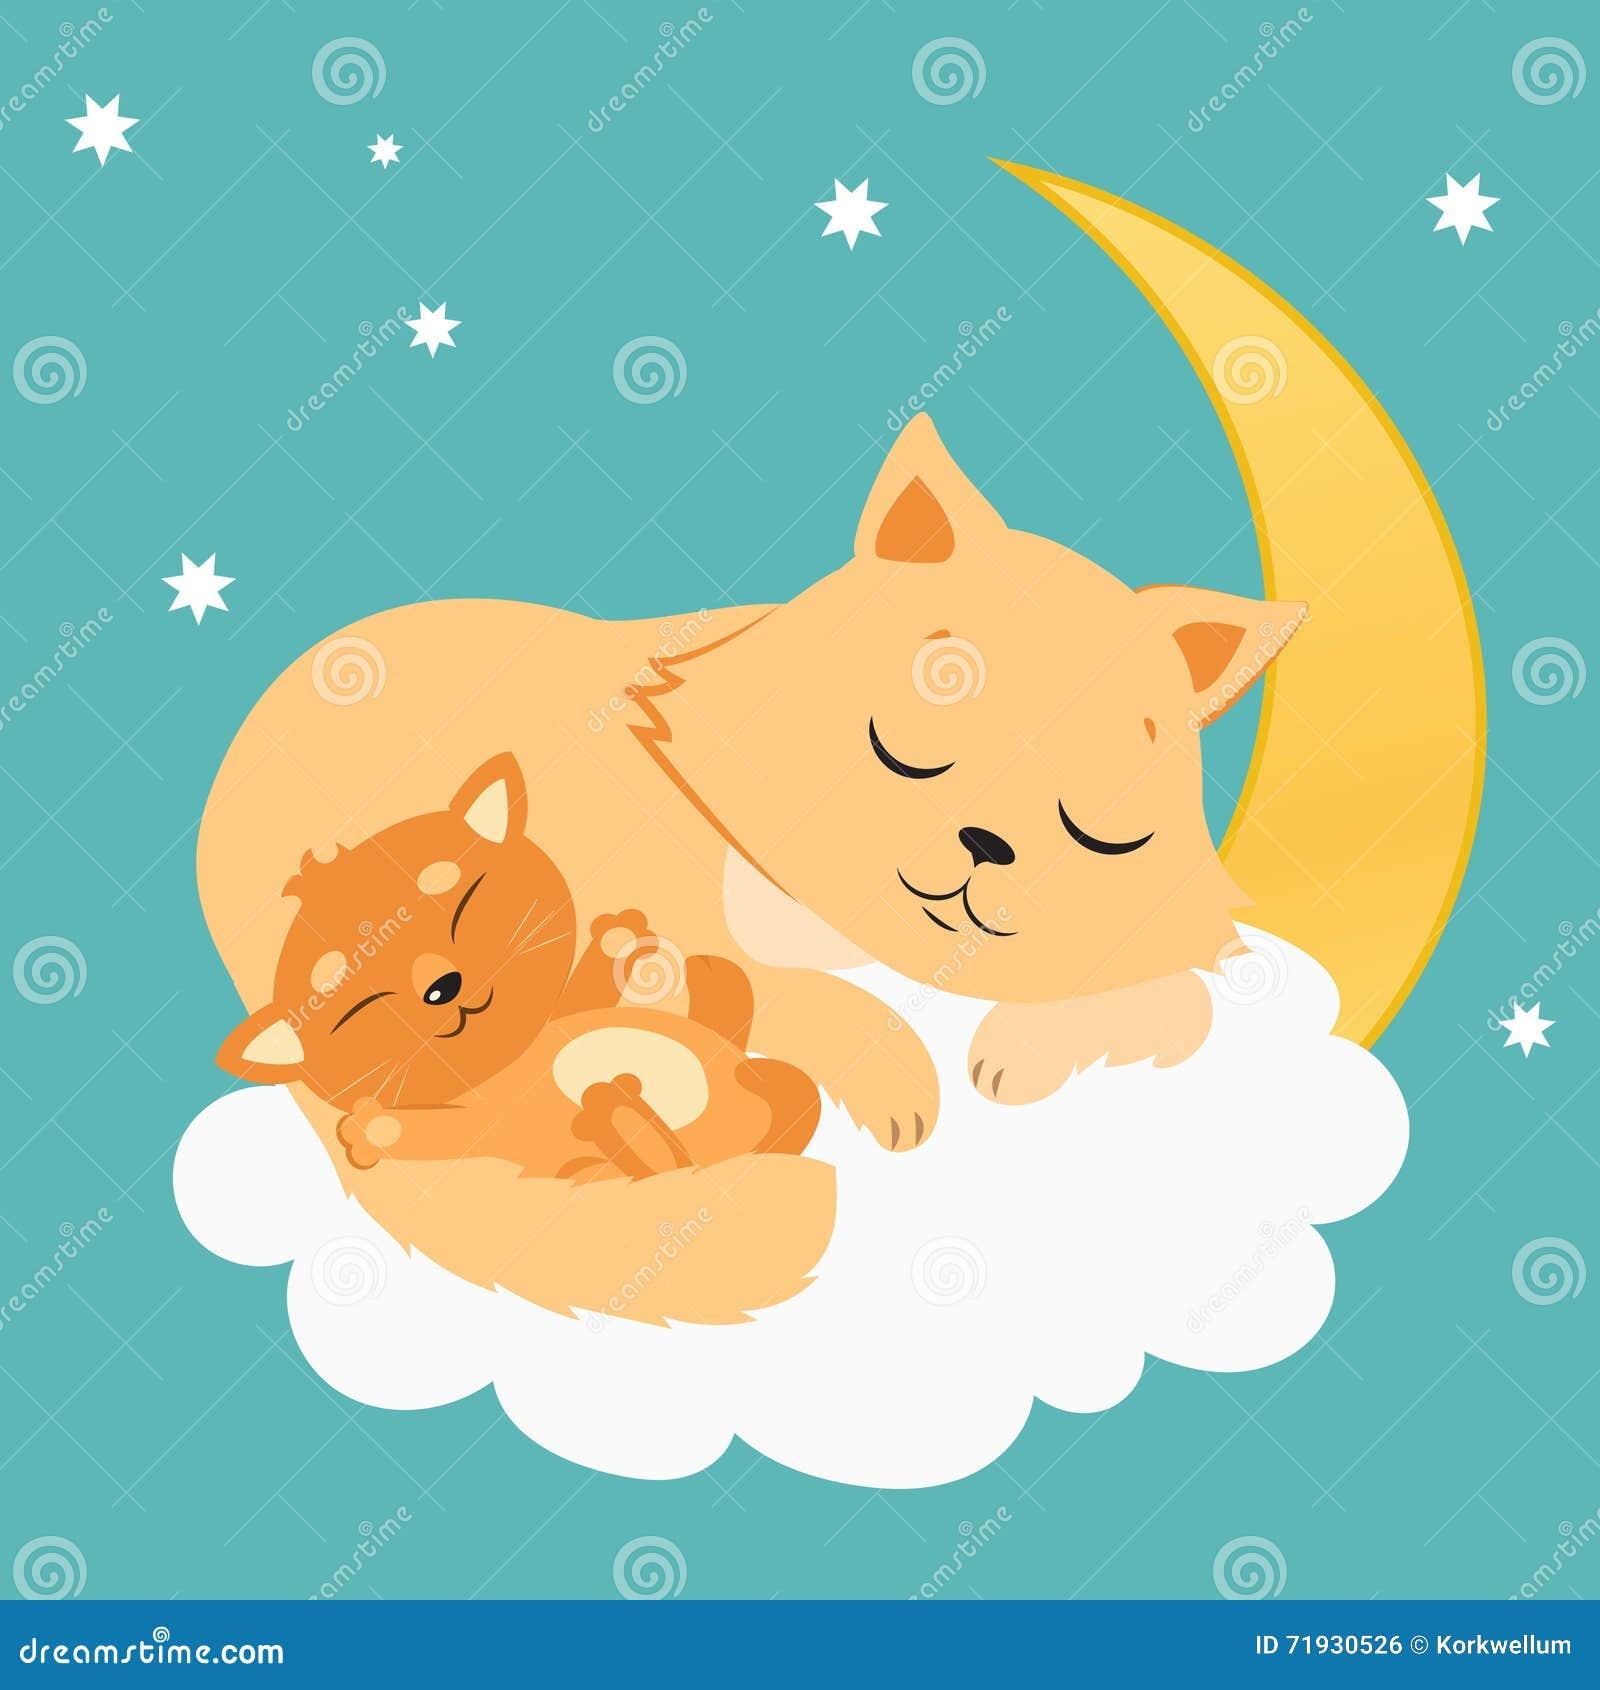 Gulliga Cat And Kitten Sleeping On månen Söta Kitty Cartoon Vector Card